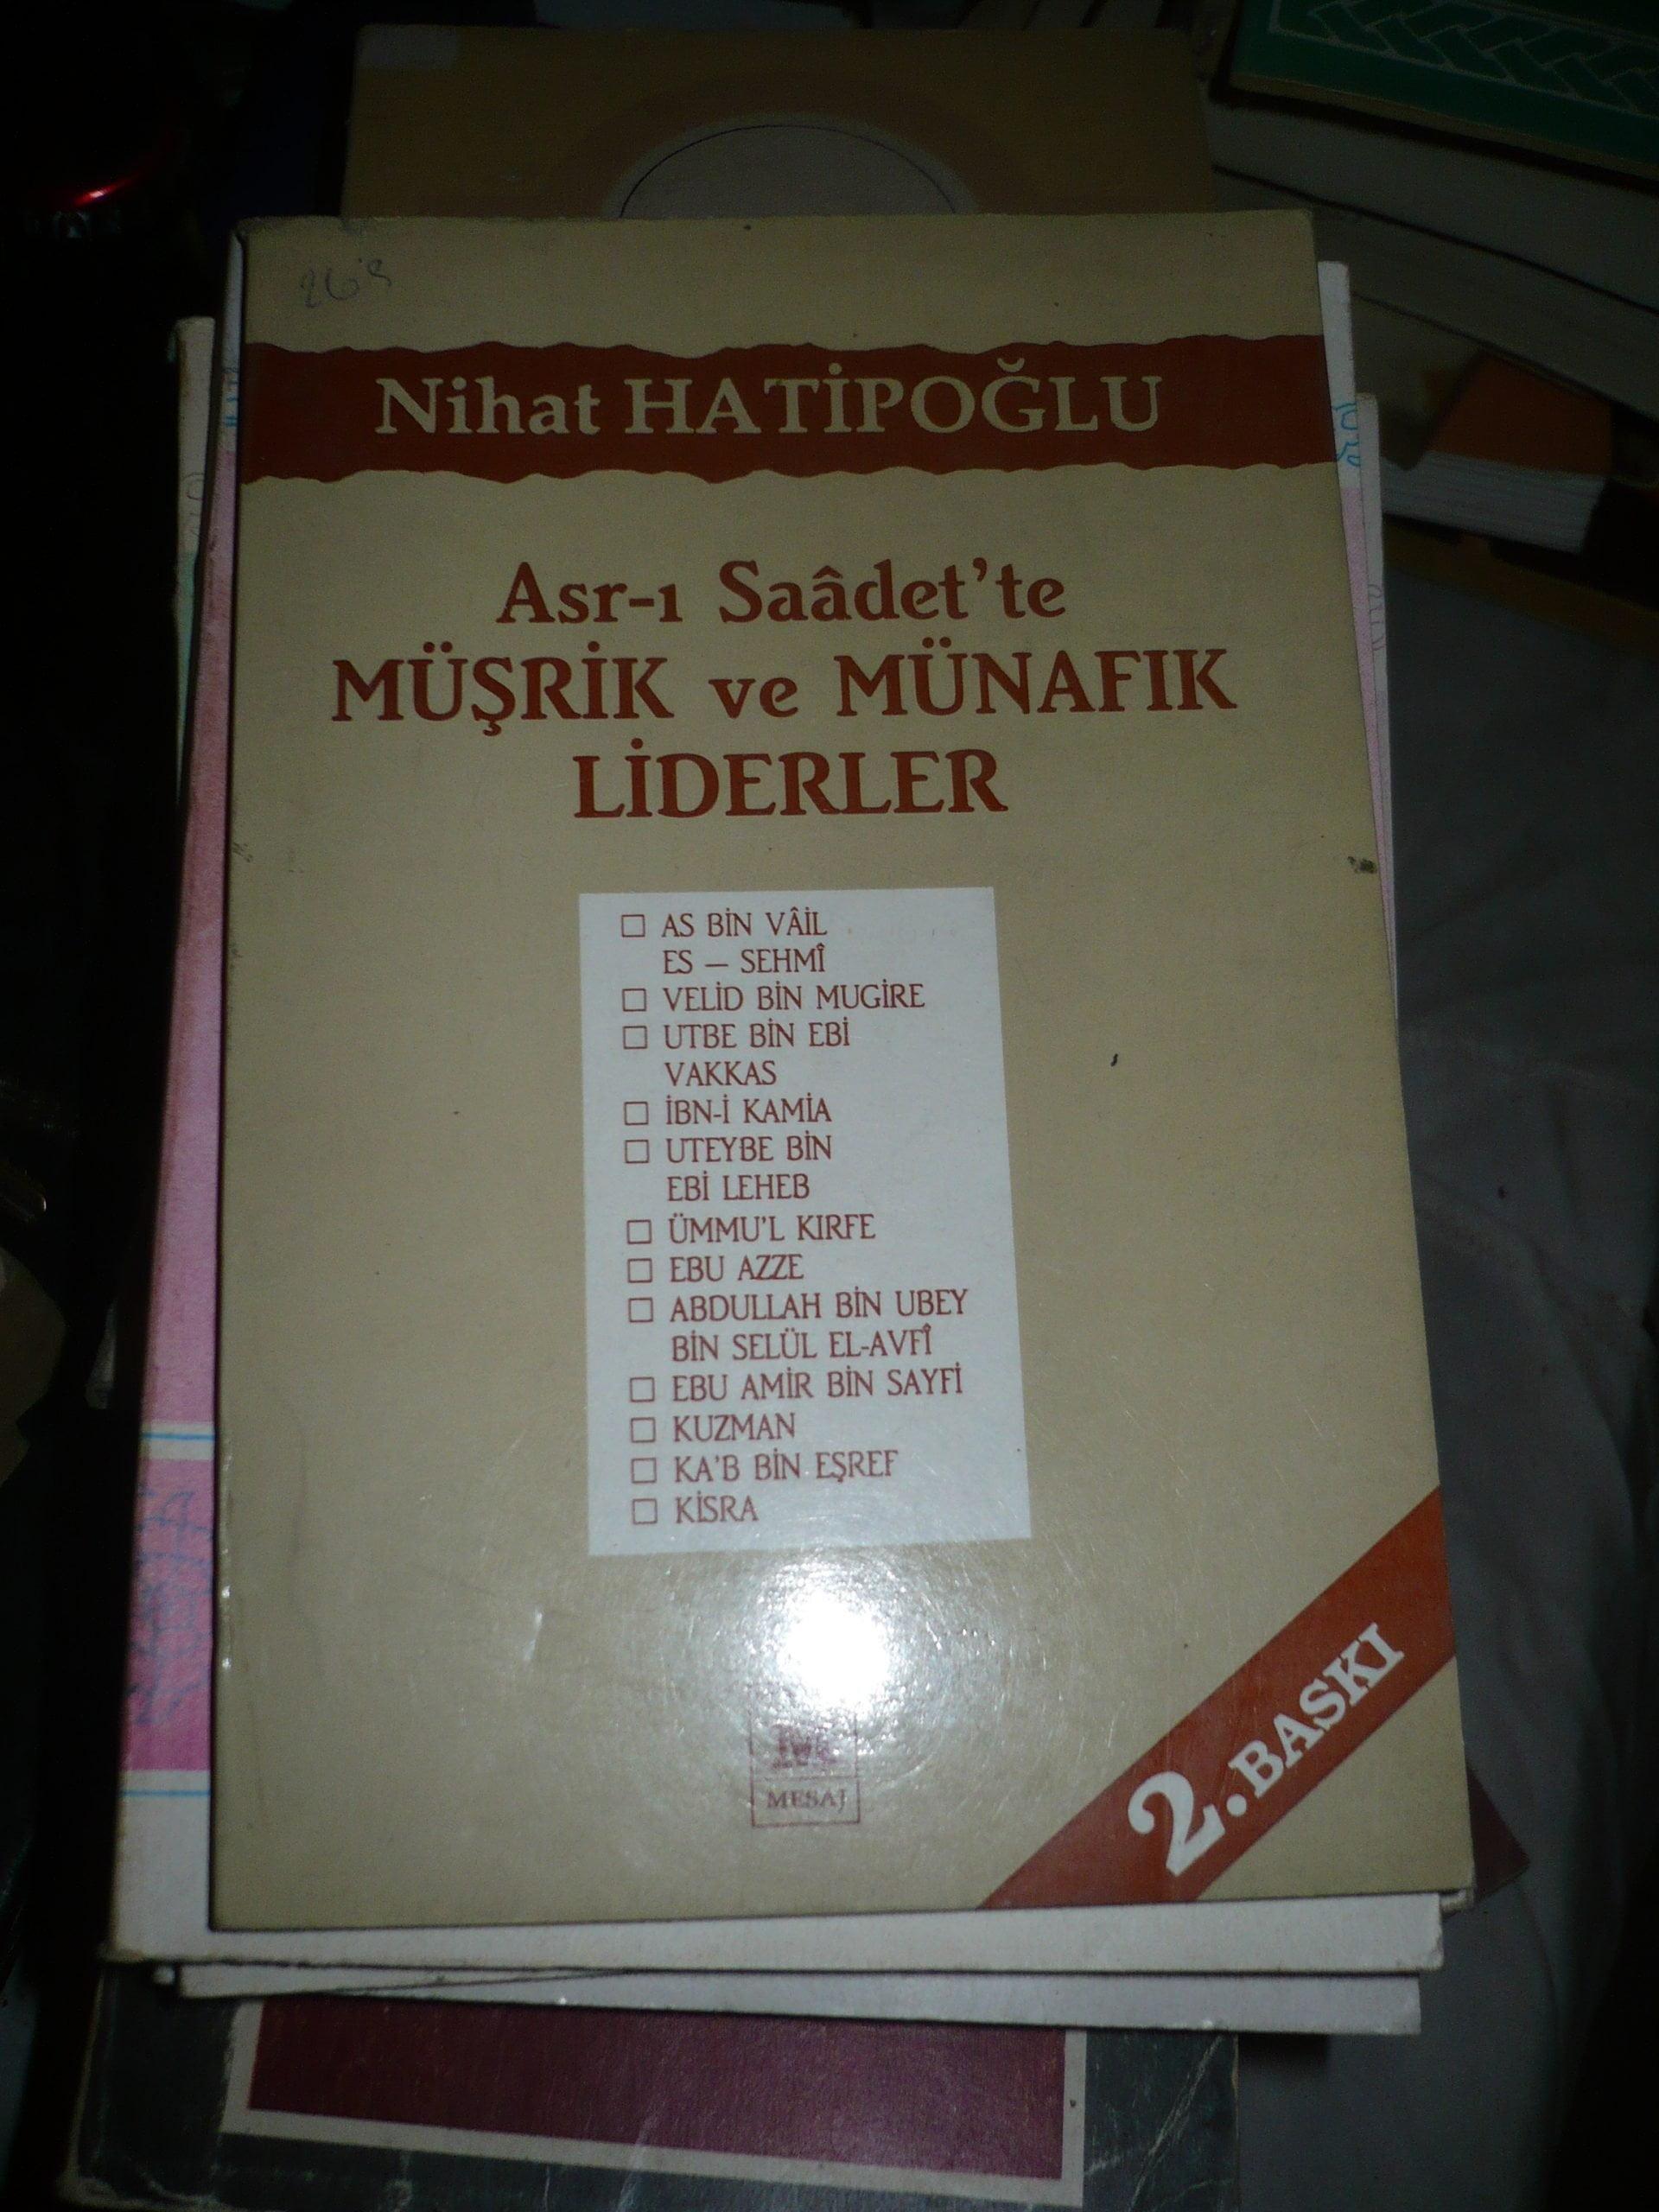 Asr-ı Saadet'te MÜŞRİK ve MÜNAFIK LİDERLER/Nihat HATİBOĞLU/10TL